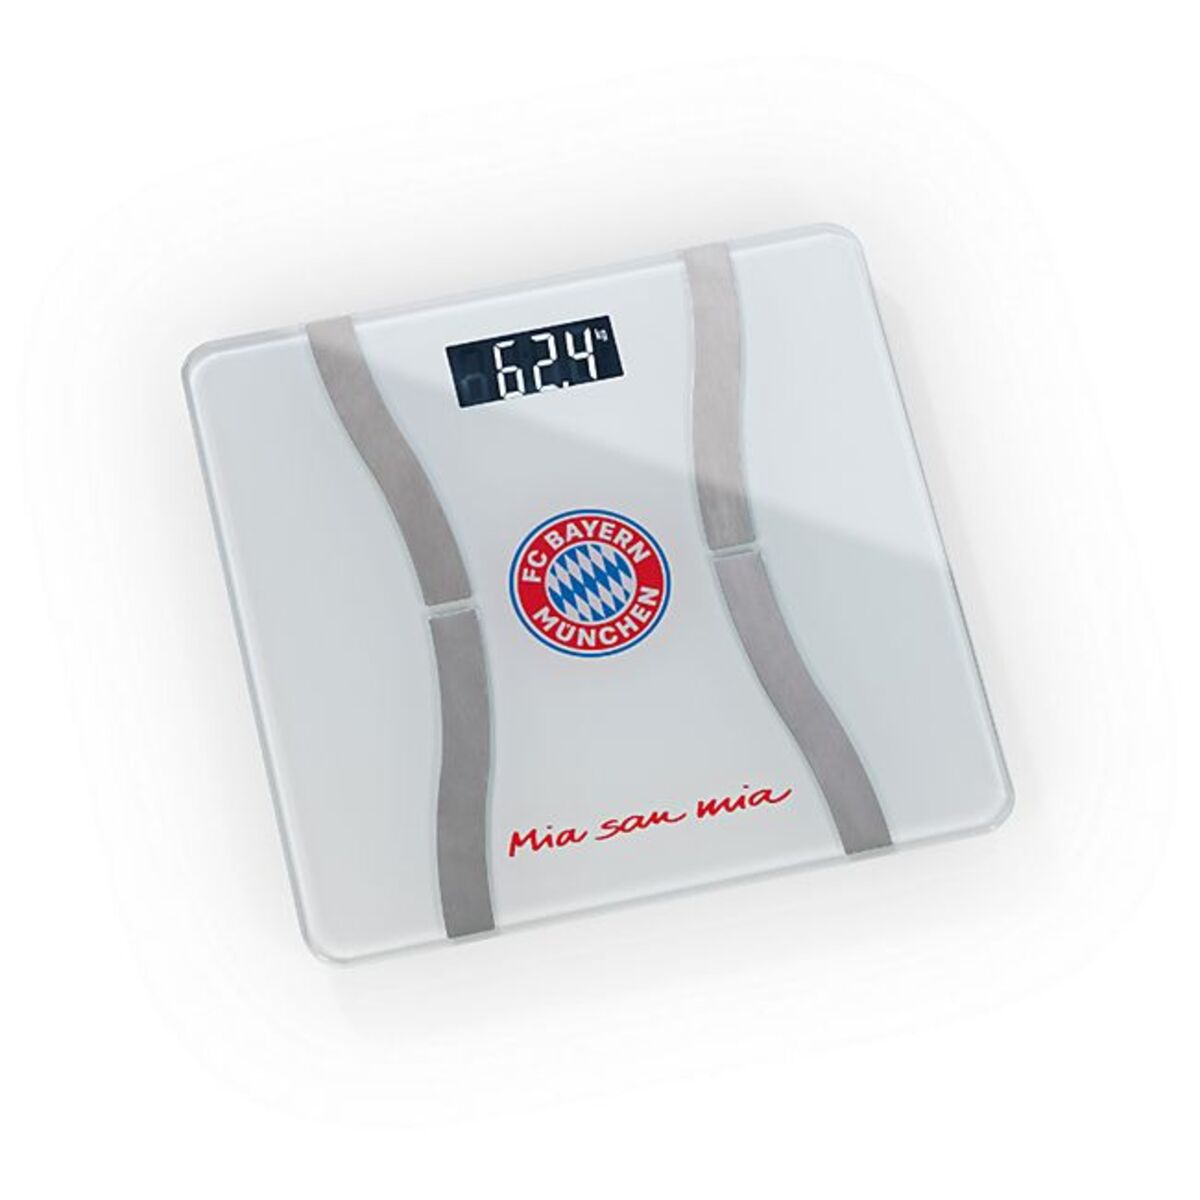 Bild 1 von FCB Personen-Waage Körperanalyse Mia san Mia 3V weiß/silber mit Bluetooth & Logo